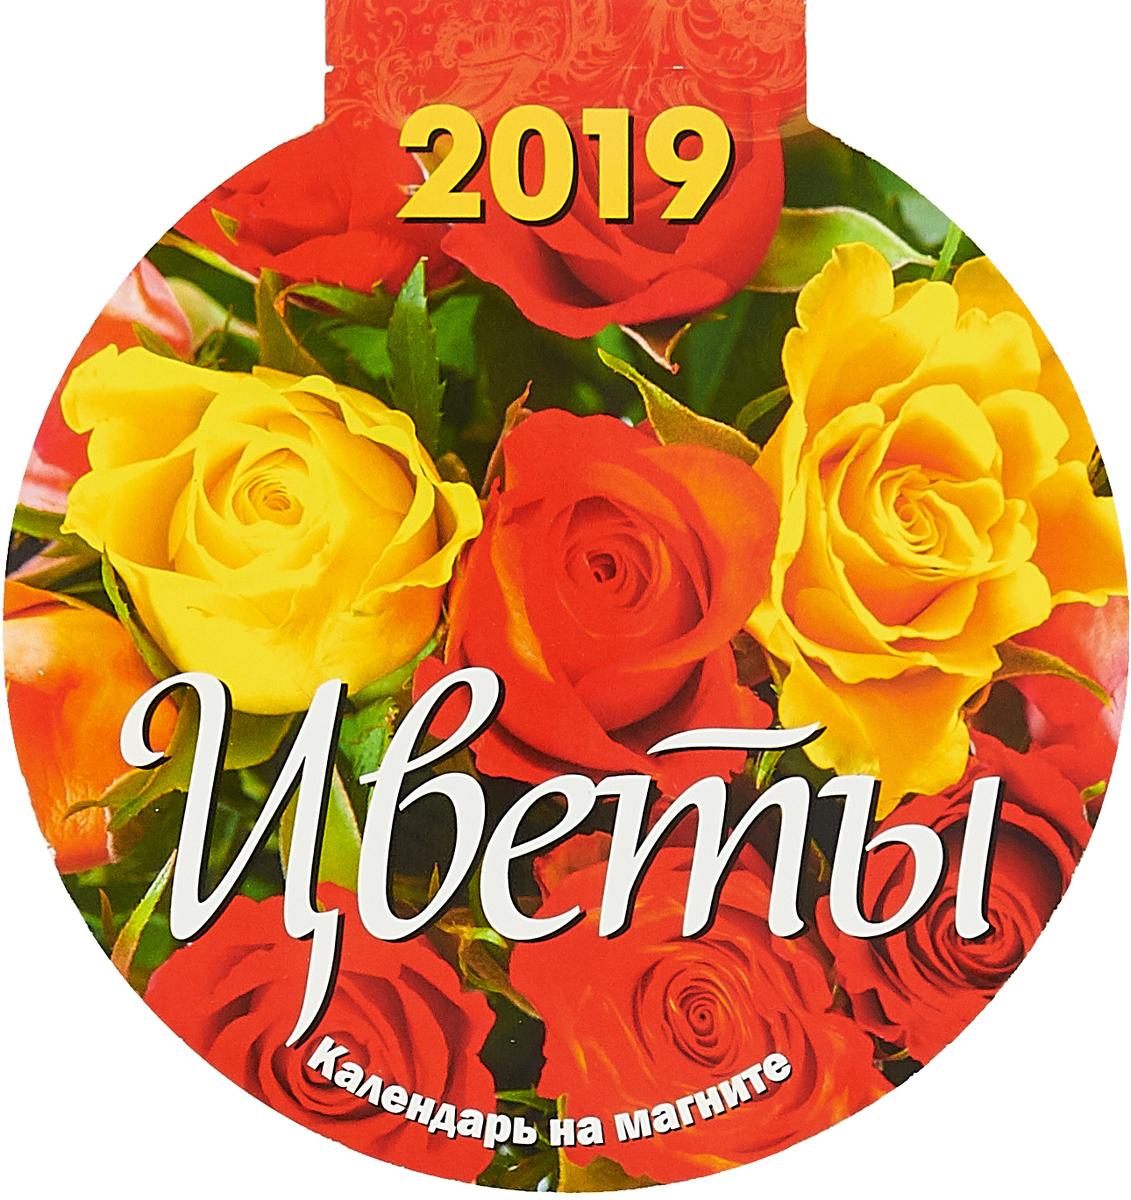 Календарь 2019 отрывной с вырубкой (на магните). Цветы календарь на магните отрывной кр33 на 2019 год путин на черном [кр33 19015]